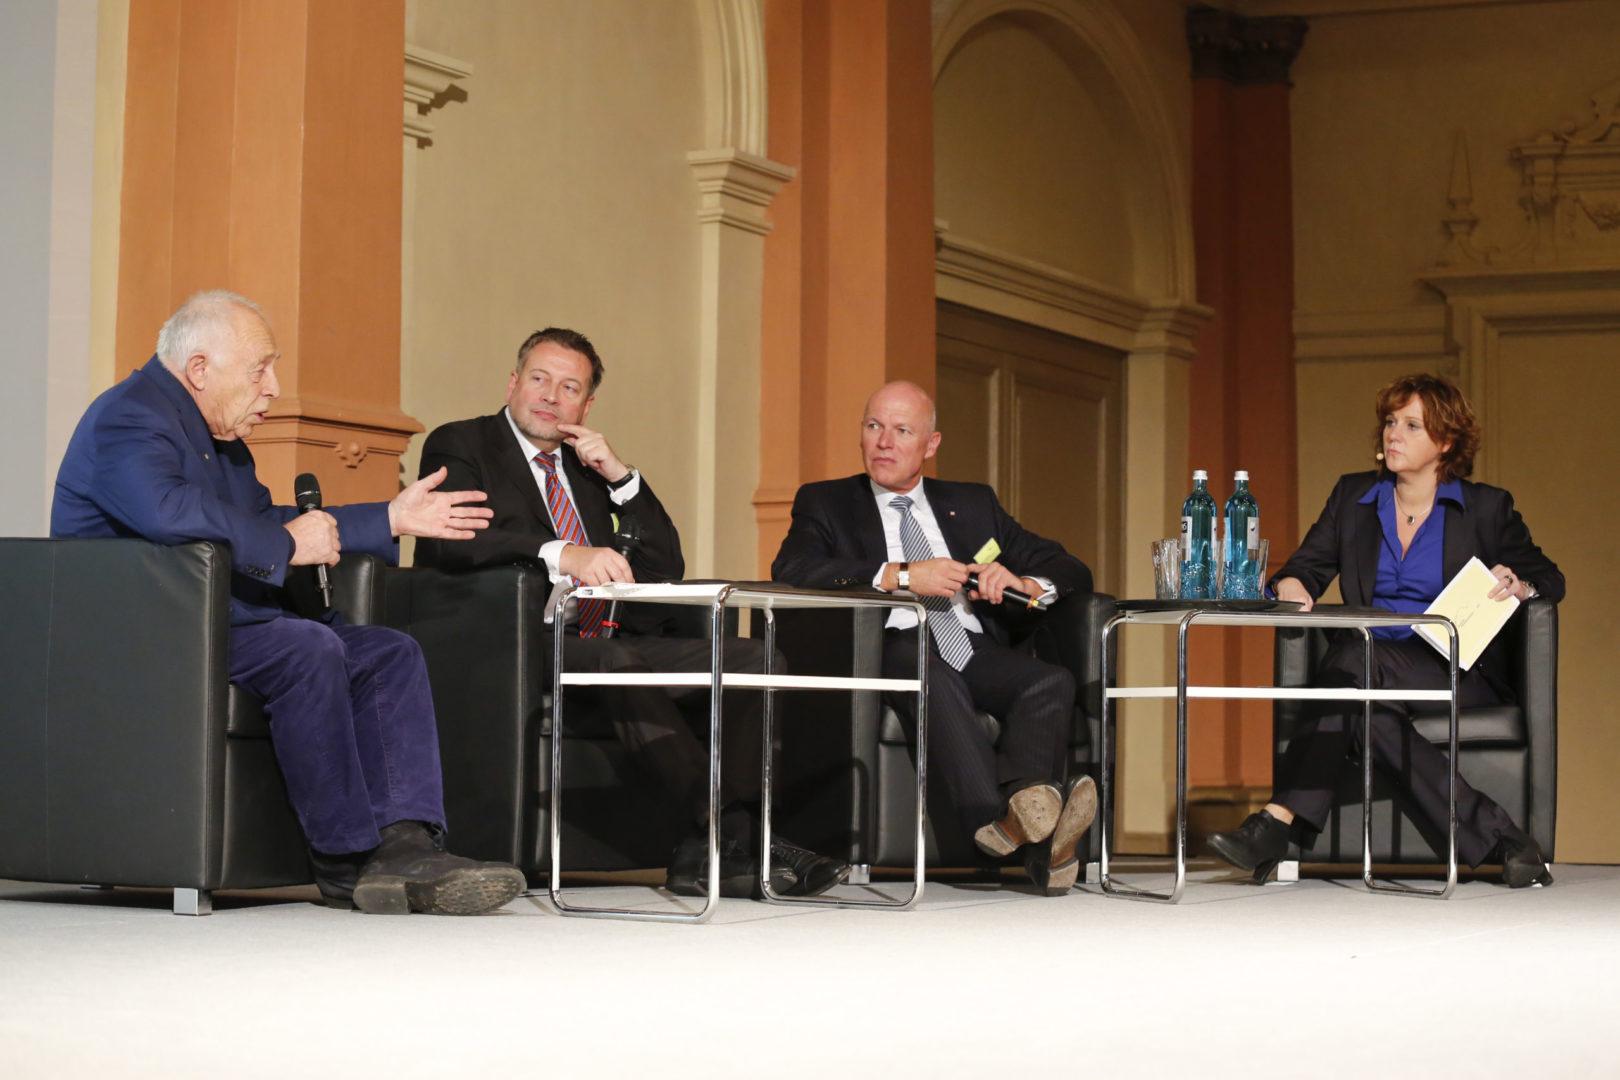 Deutscher Mobilitätskongress - SK dvwg 2013 400 scaled